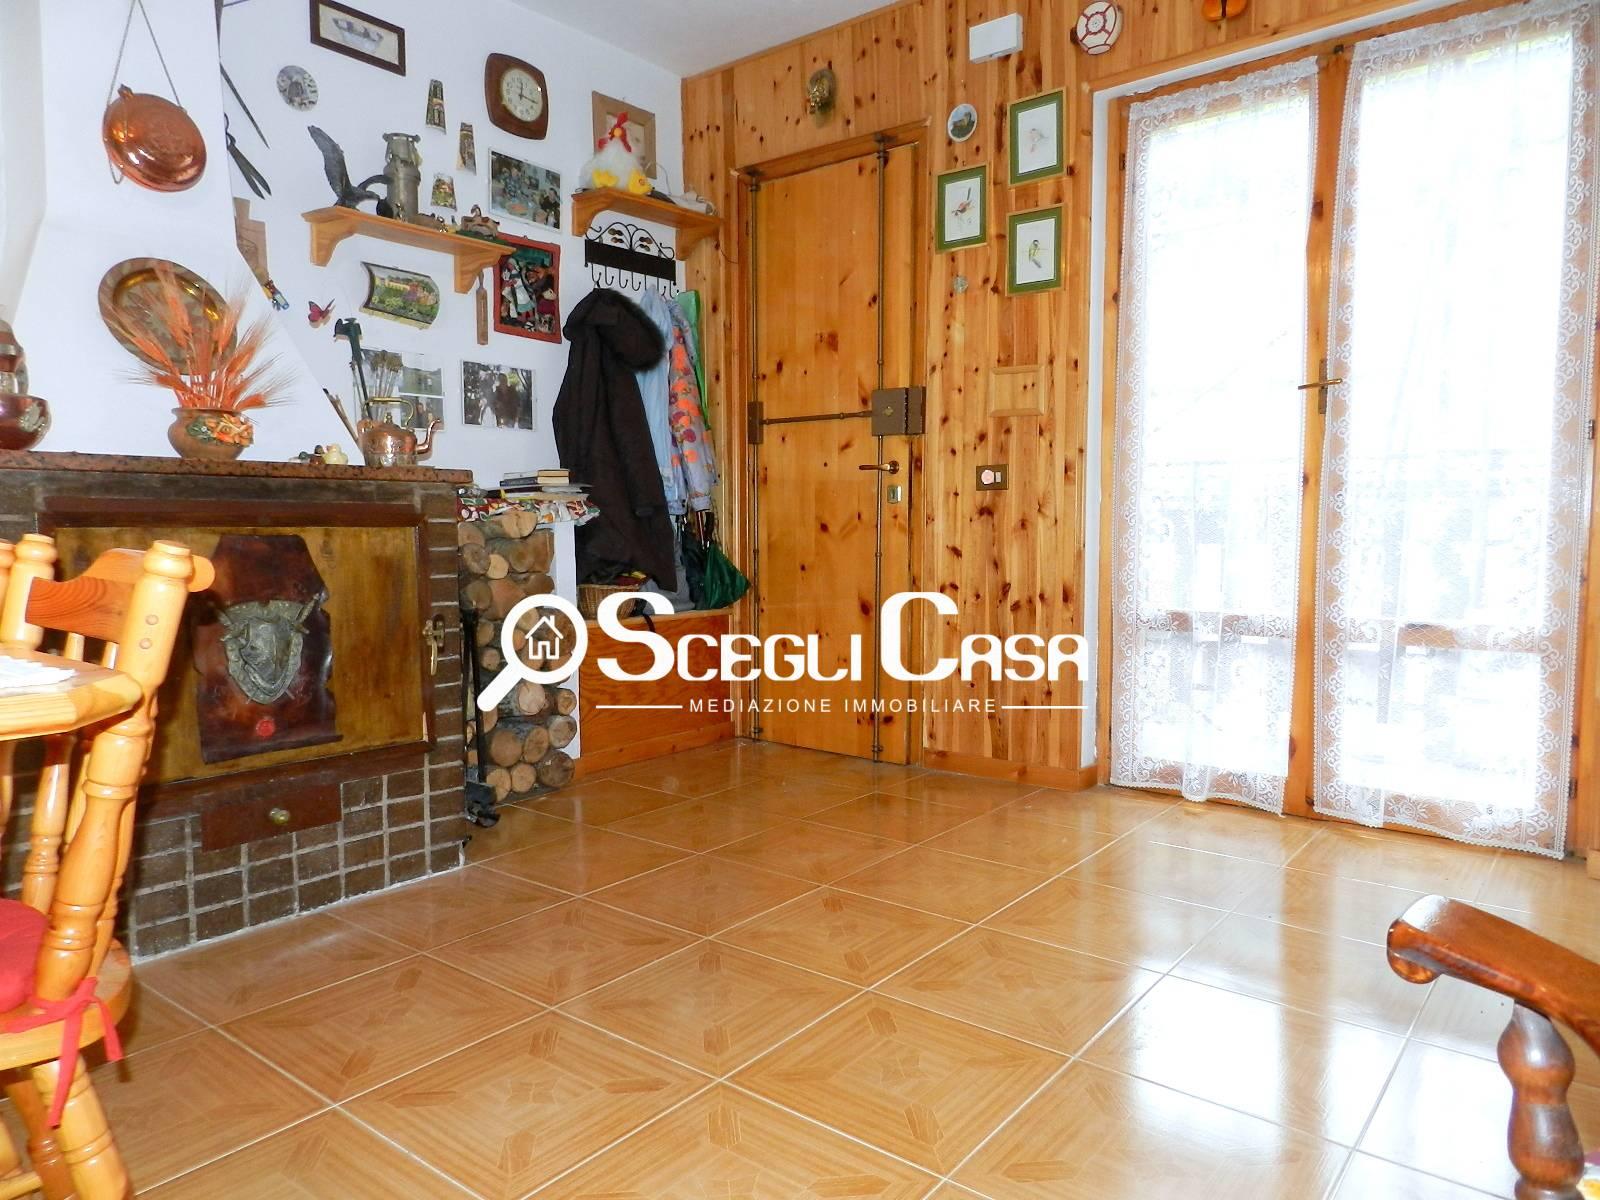 Appartamento in vendita a Cappadocia, 3 locali, prezzo € 45.000 | CambioCasa.it